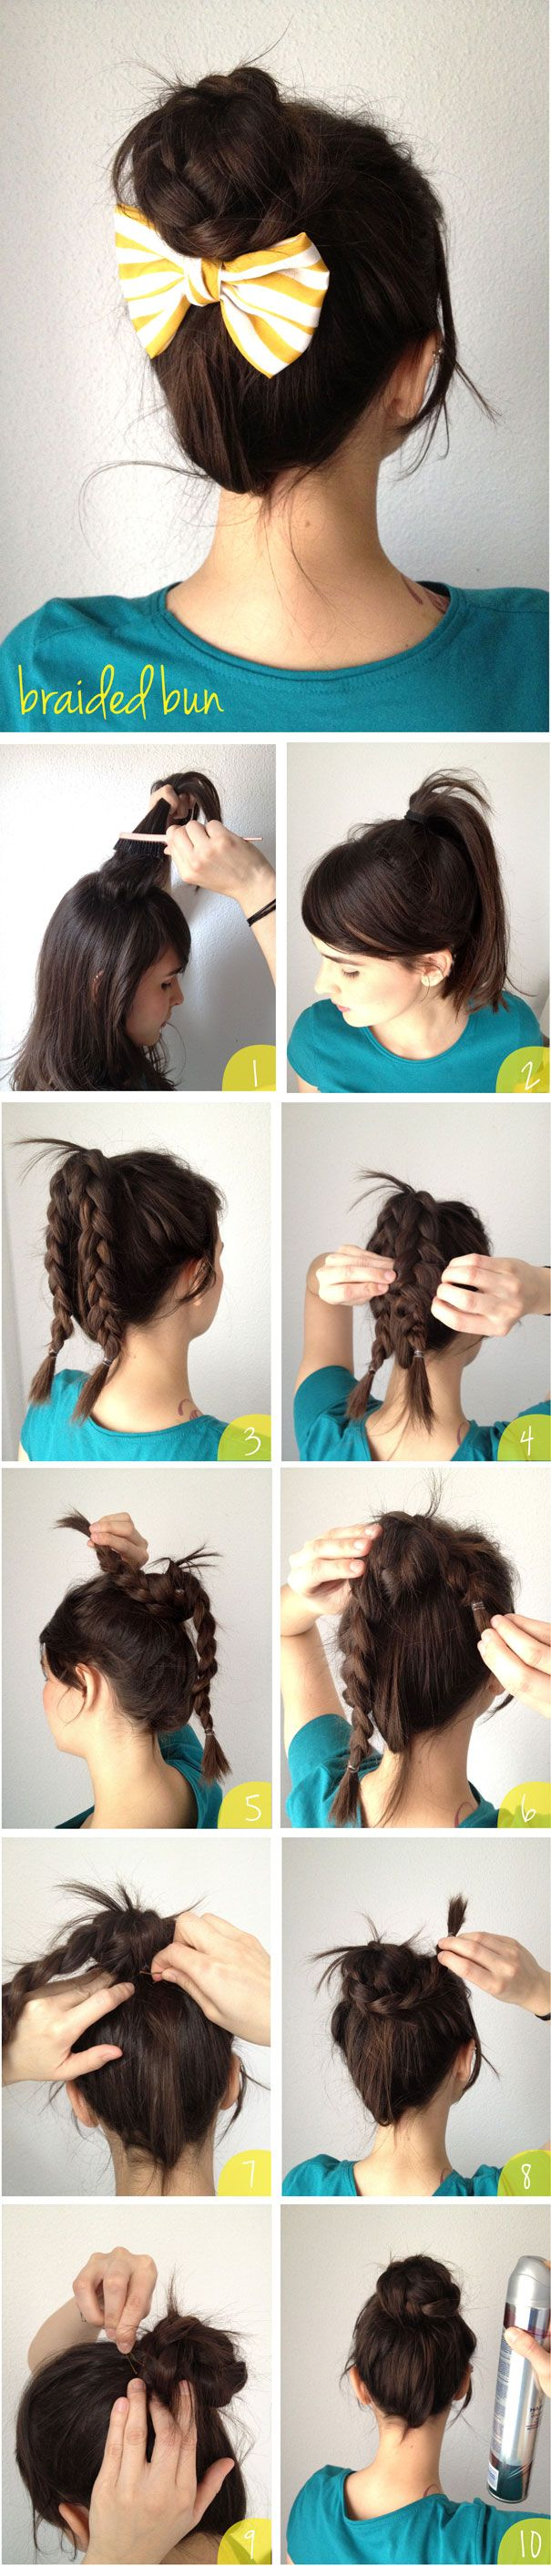 Braided bun love this hairstyles pinterest hair buns hair